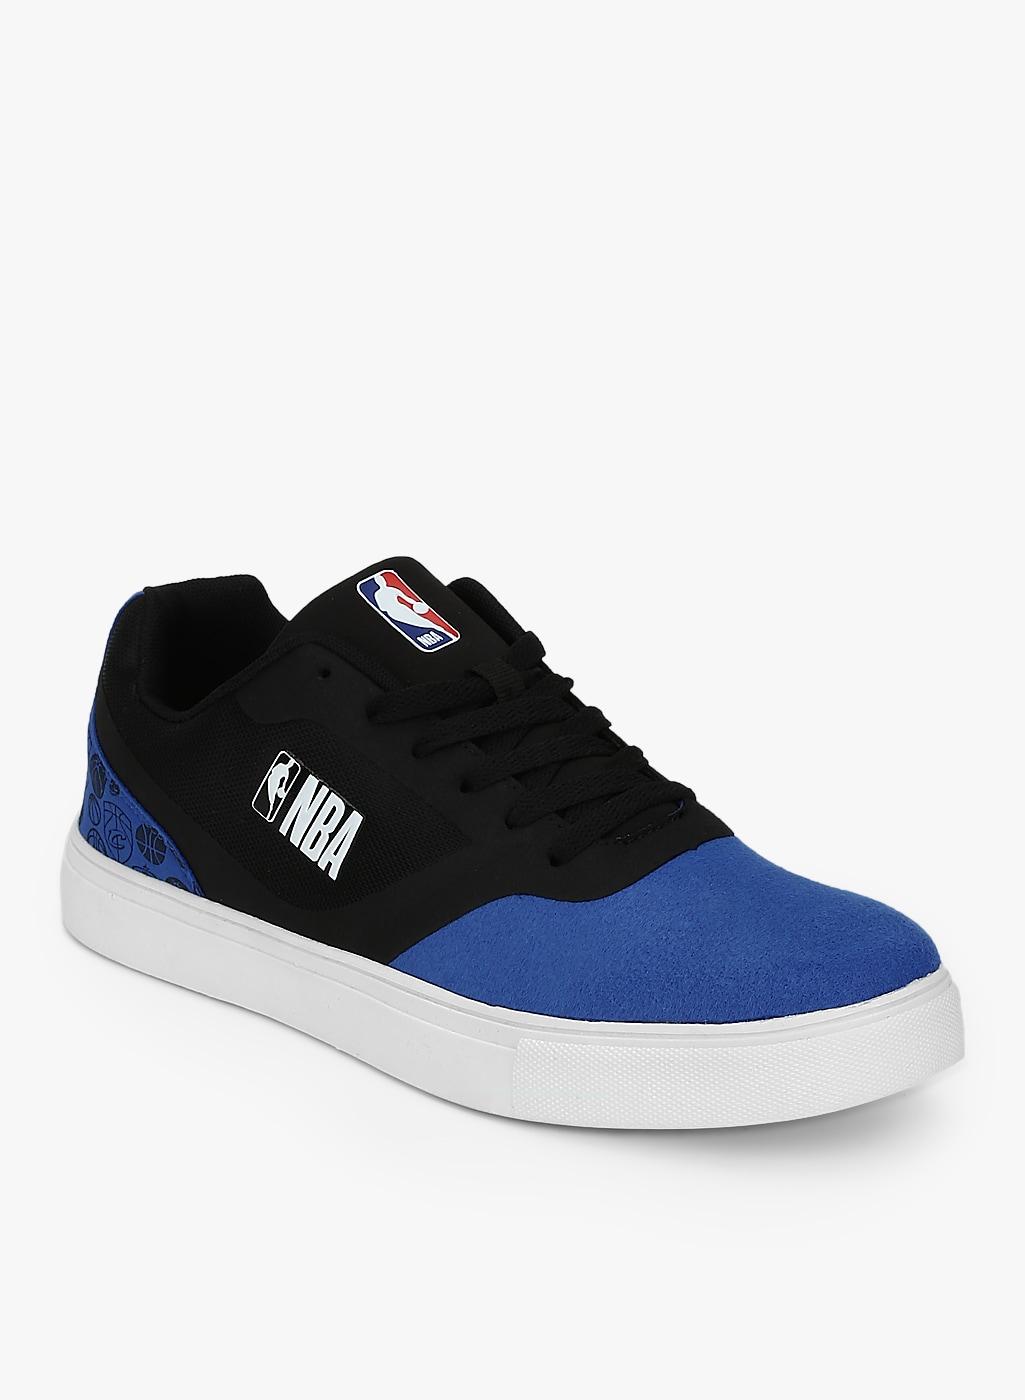 Black Blue Low Top Sneakers